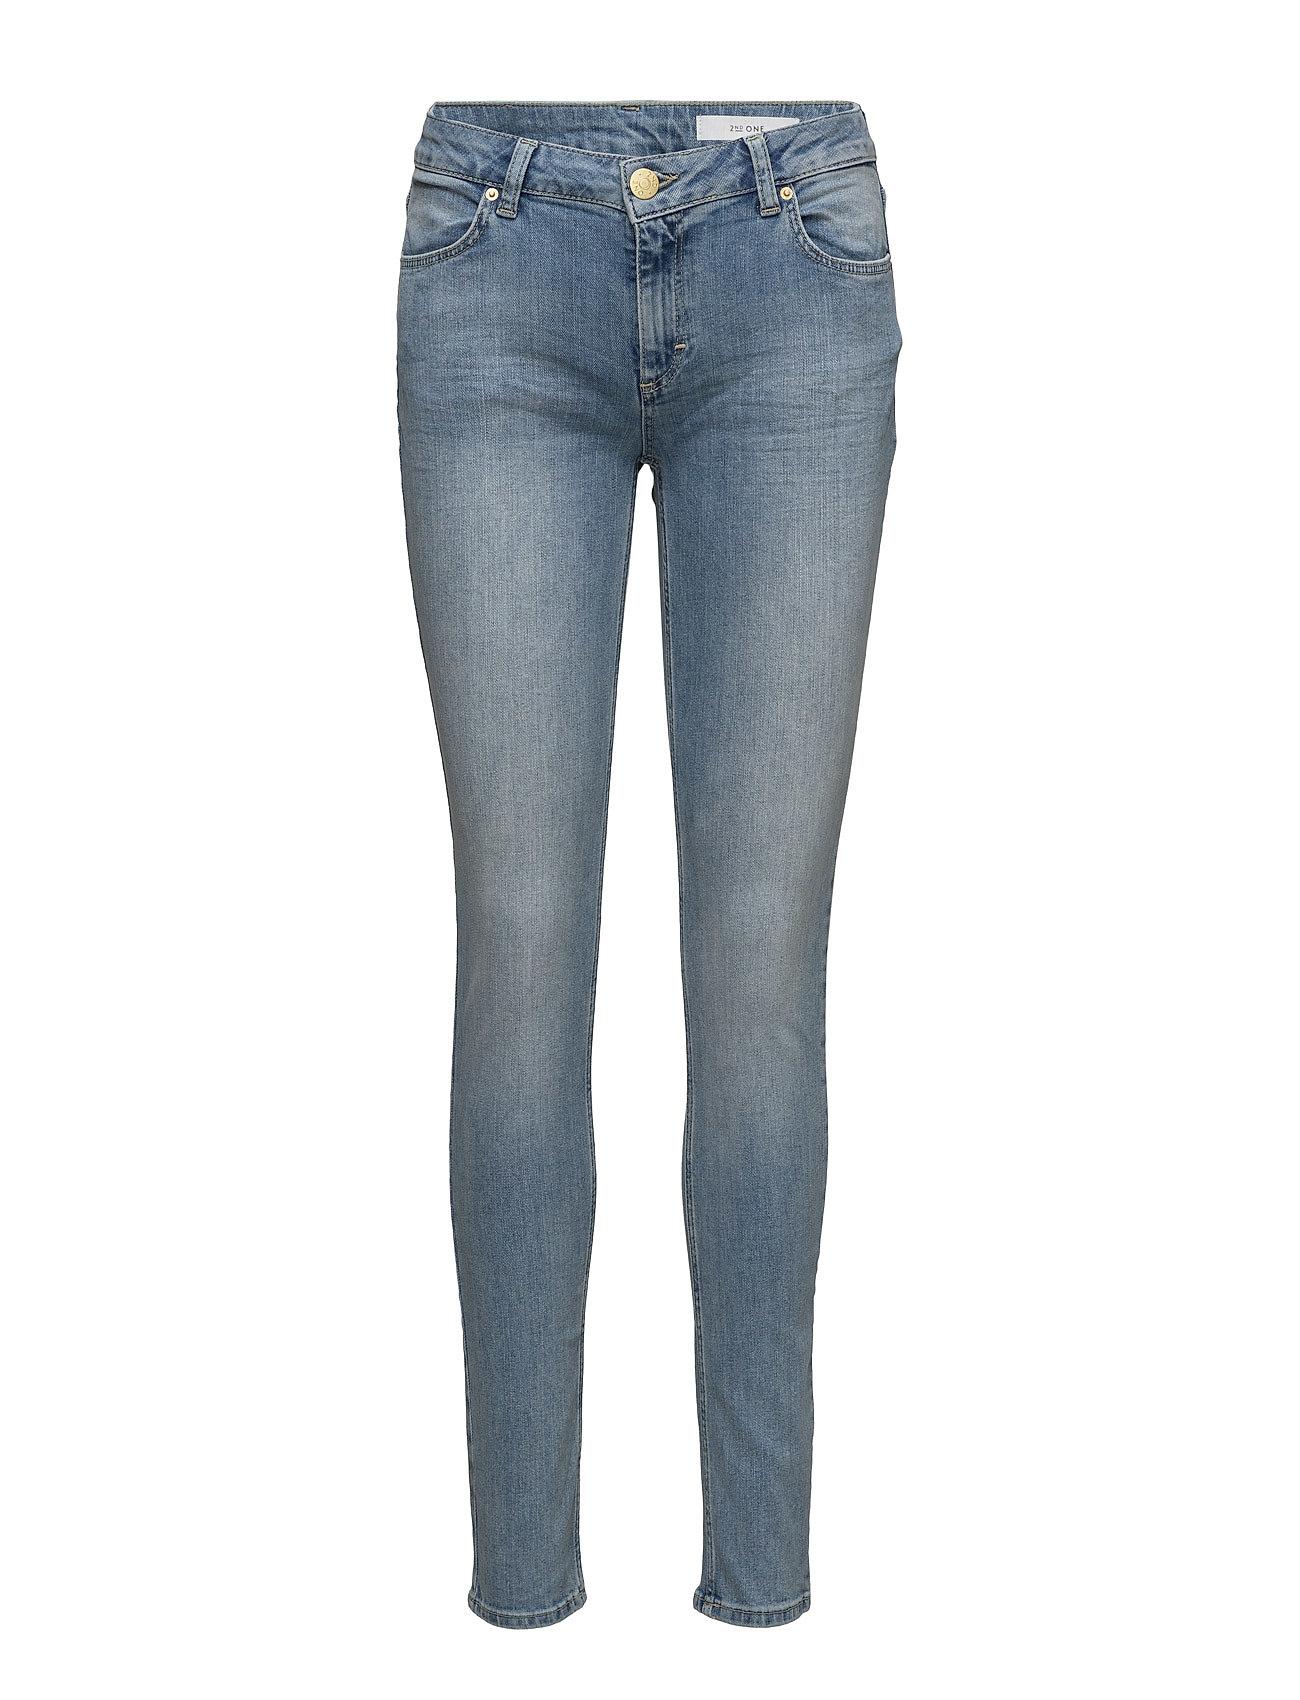 Nicole 824 vintage soul, jeans fra 2nd one fra boozt.com dk